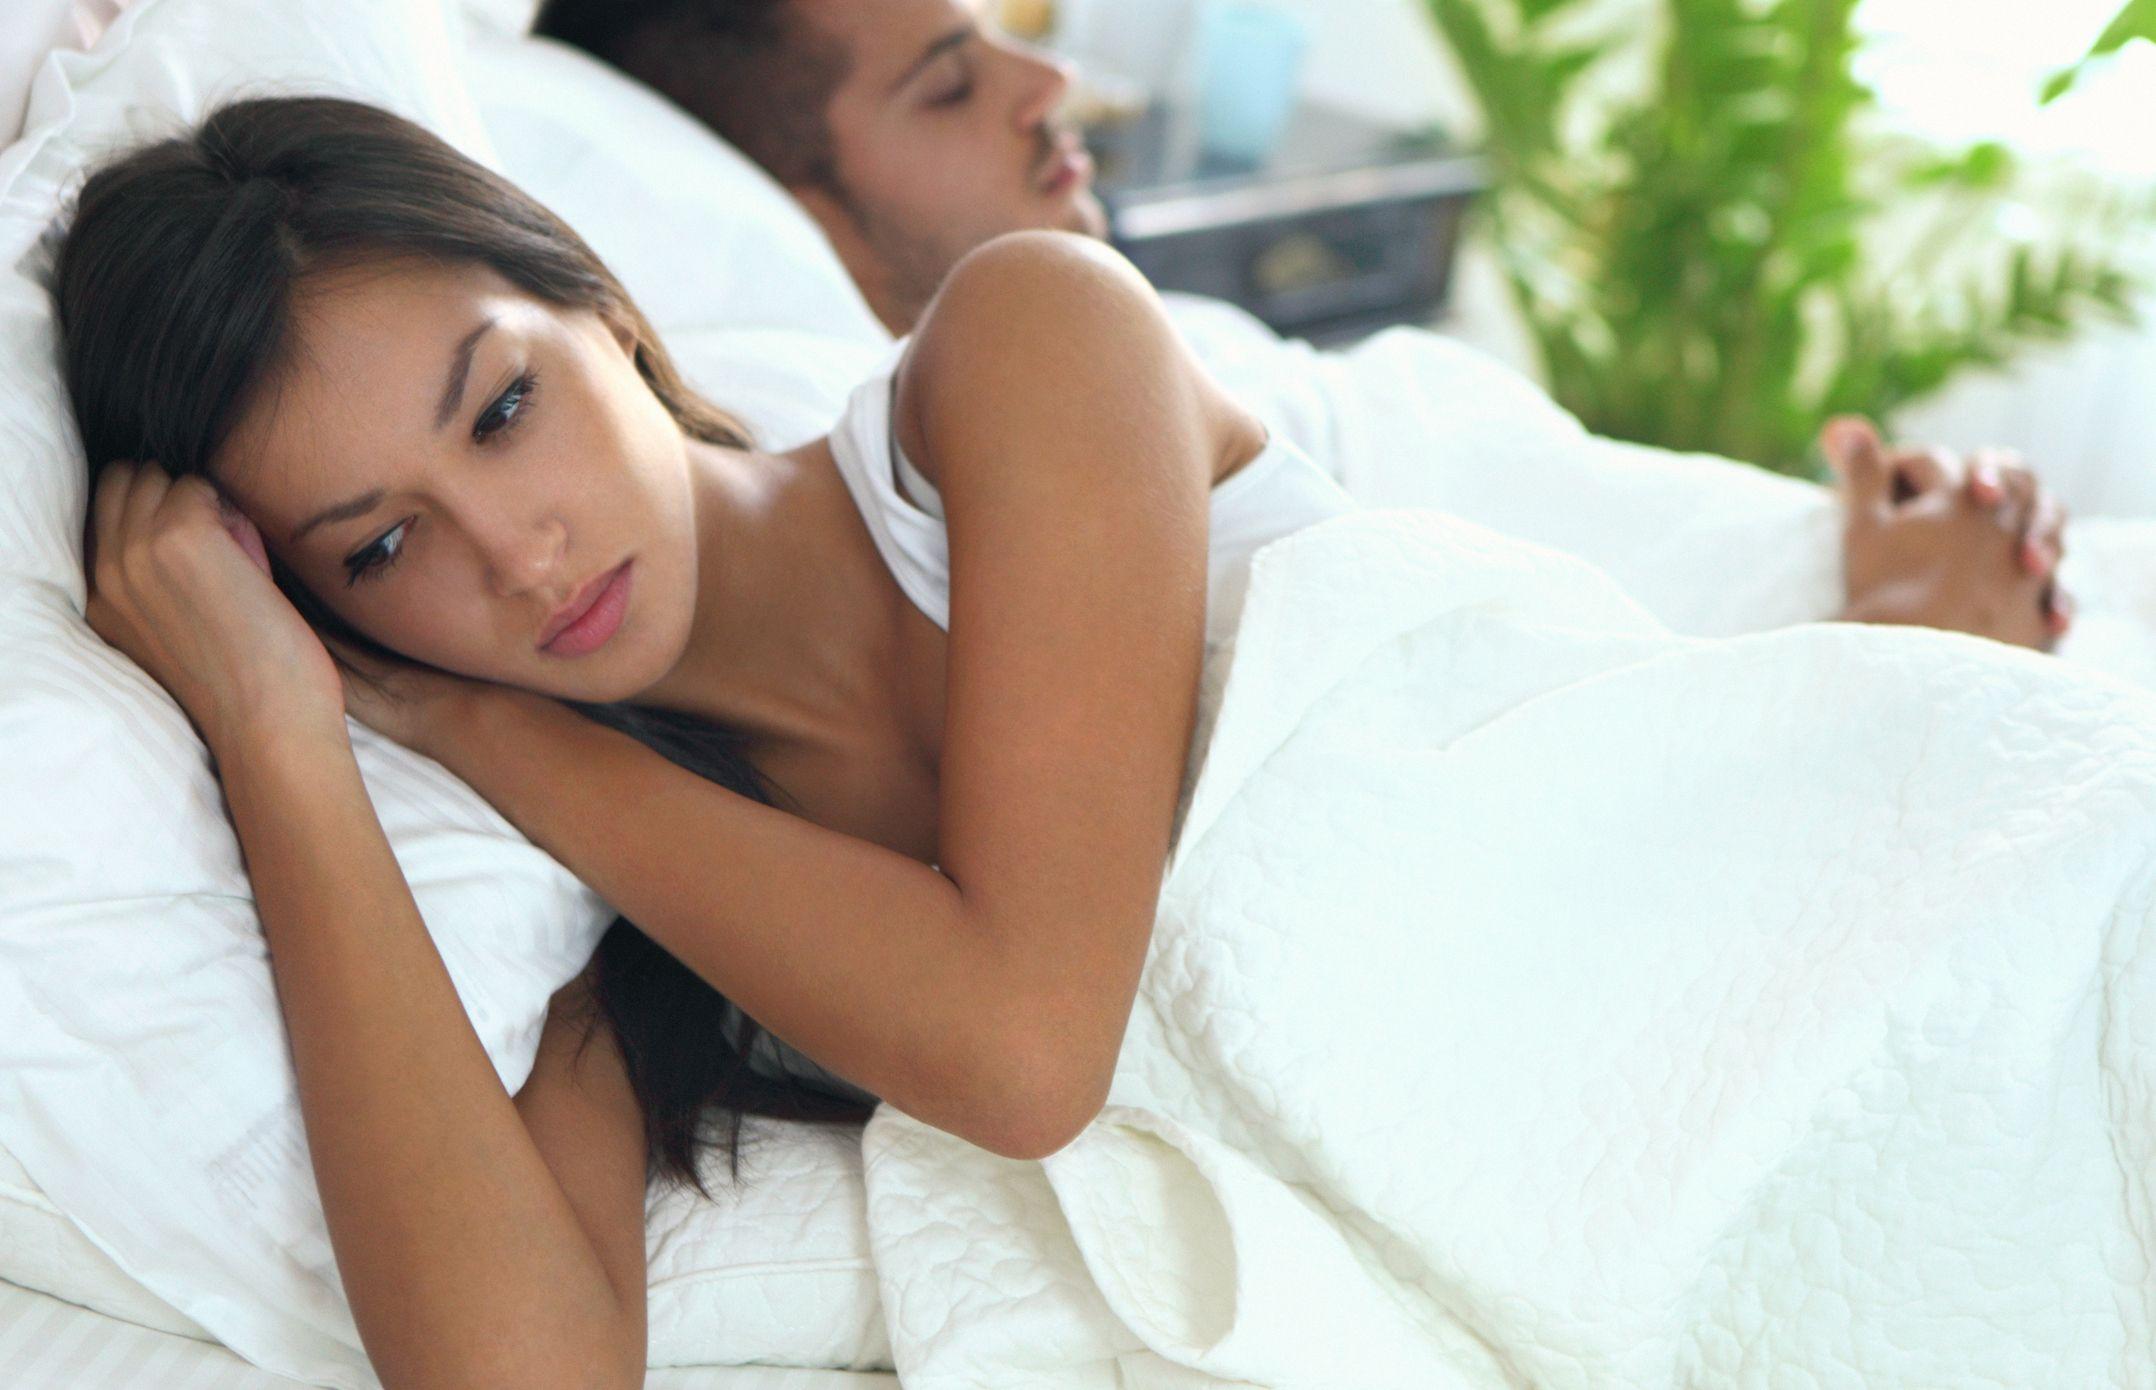 mijn ex is nu dating een model Hoe te stoppen dating verliezers